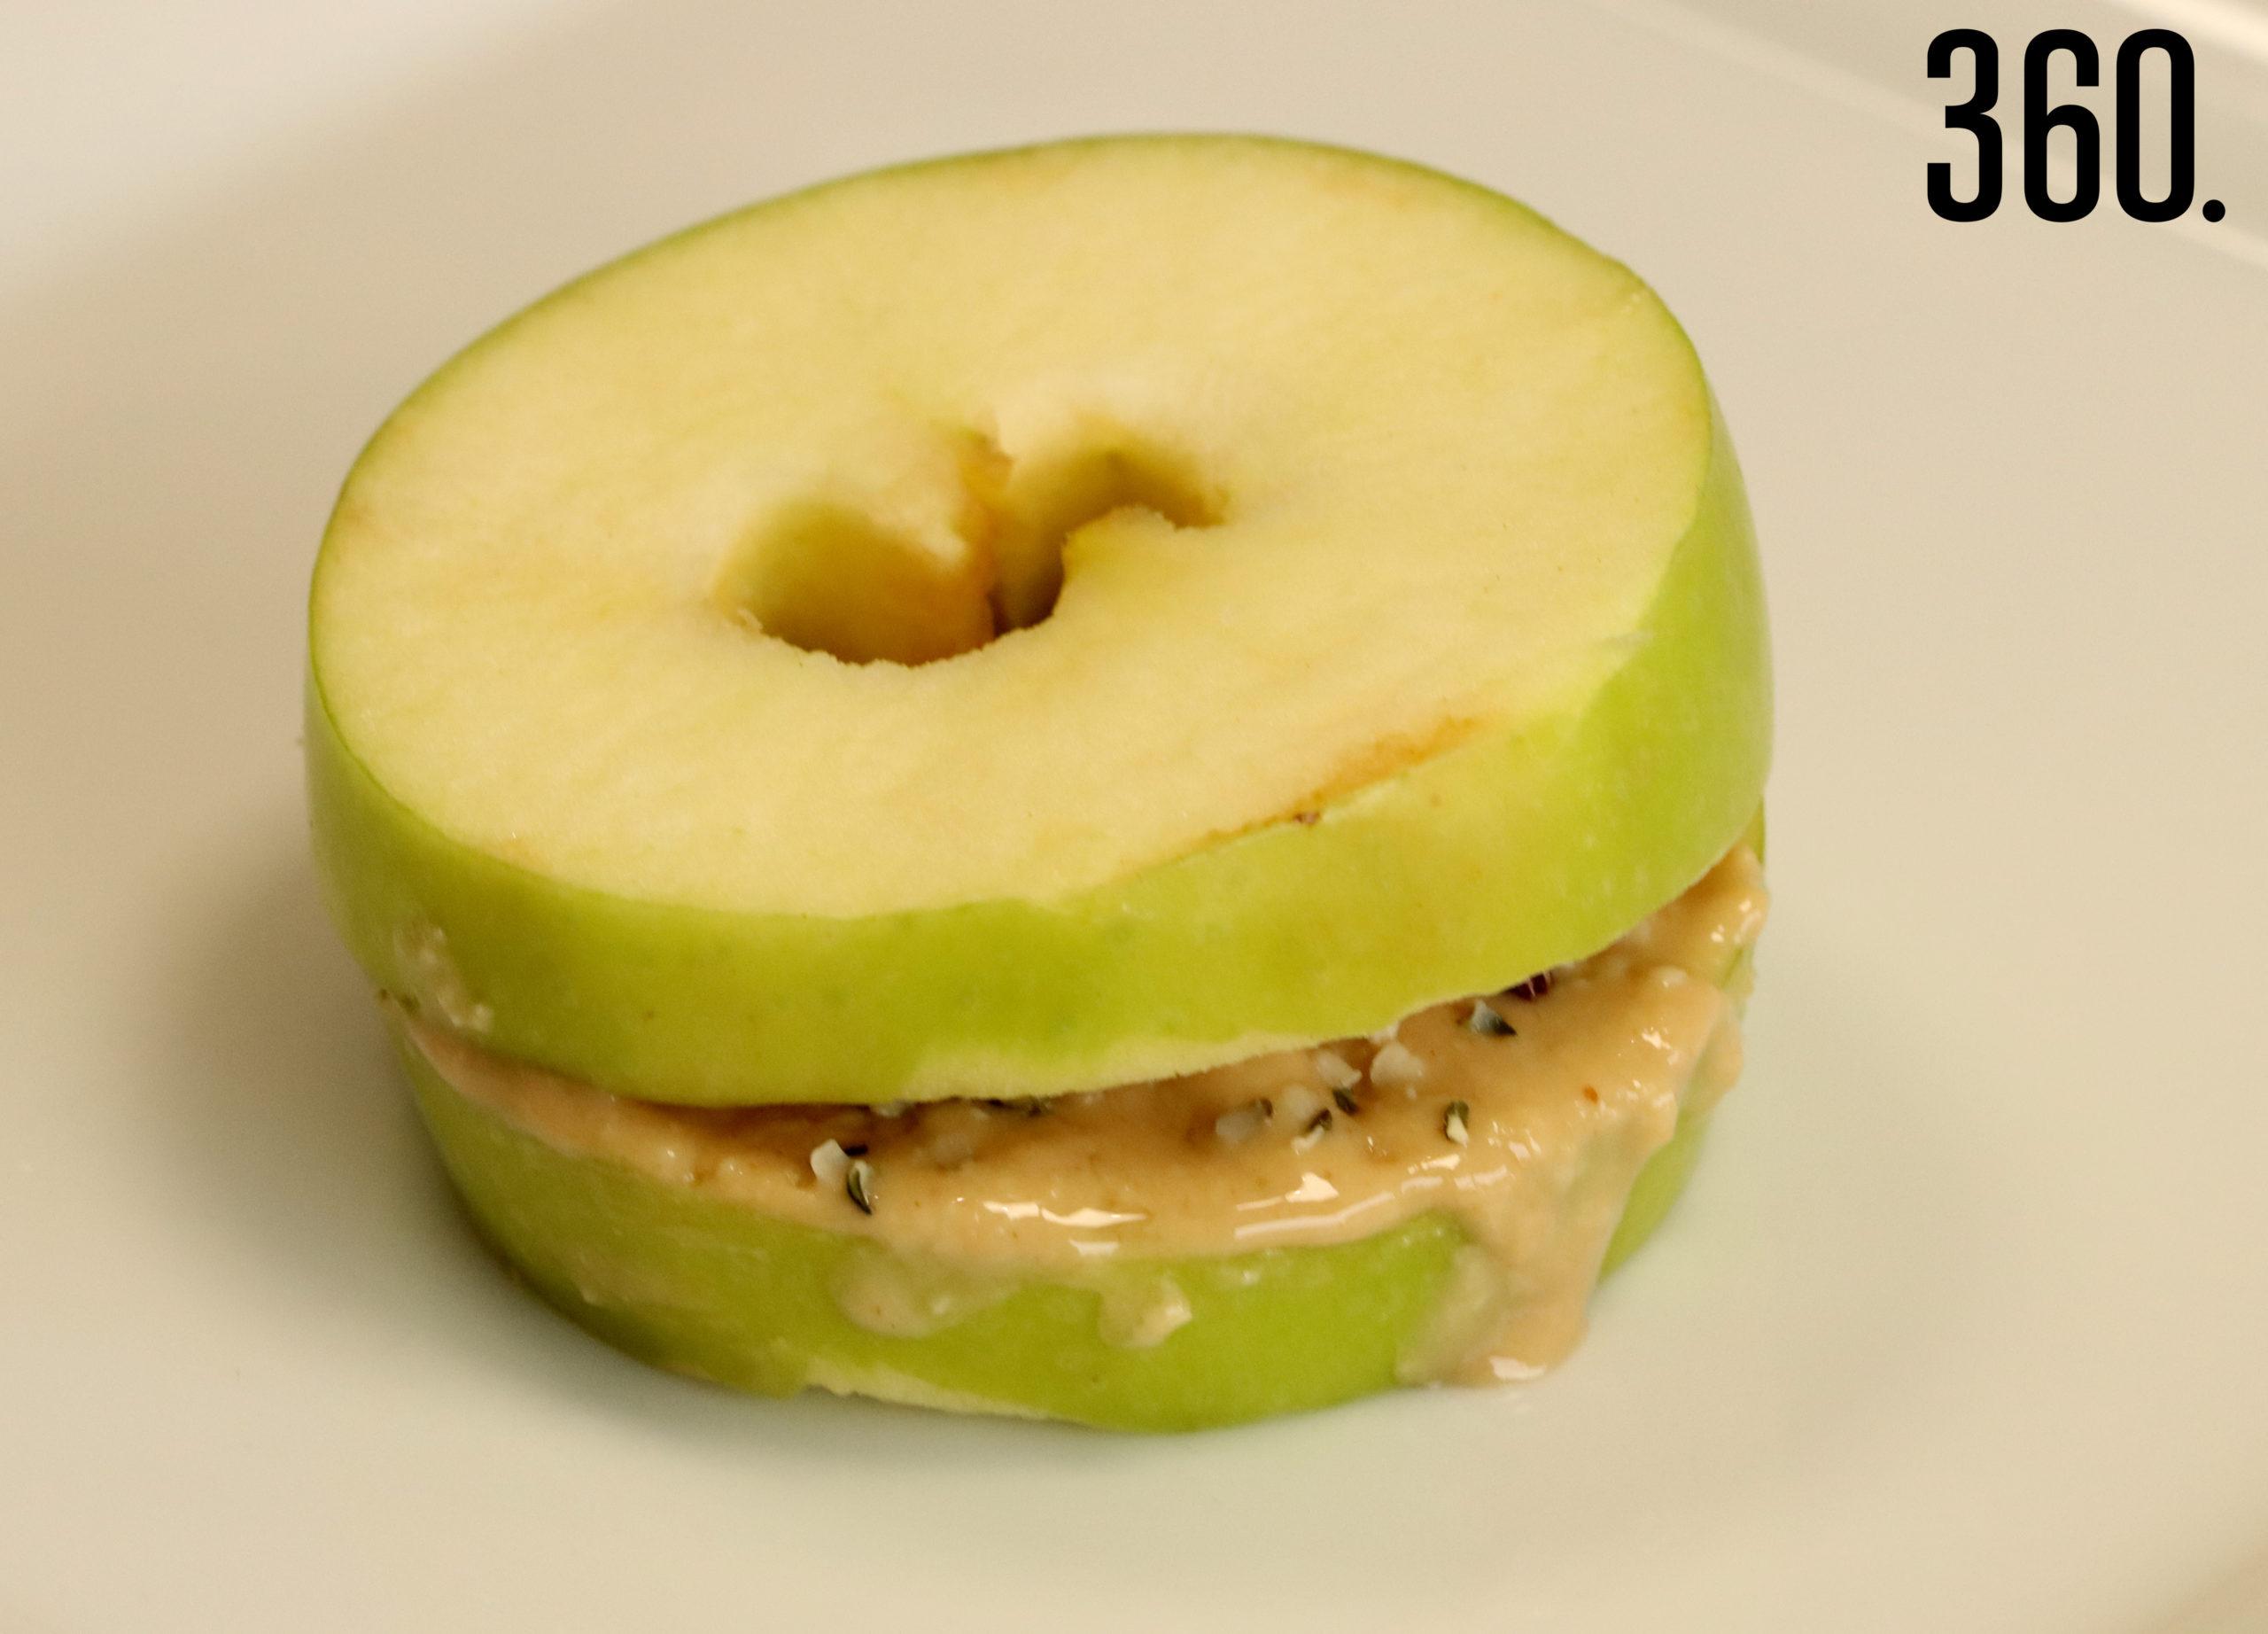 Sandwich de manzana con crema de almendras y cacao.